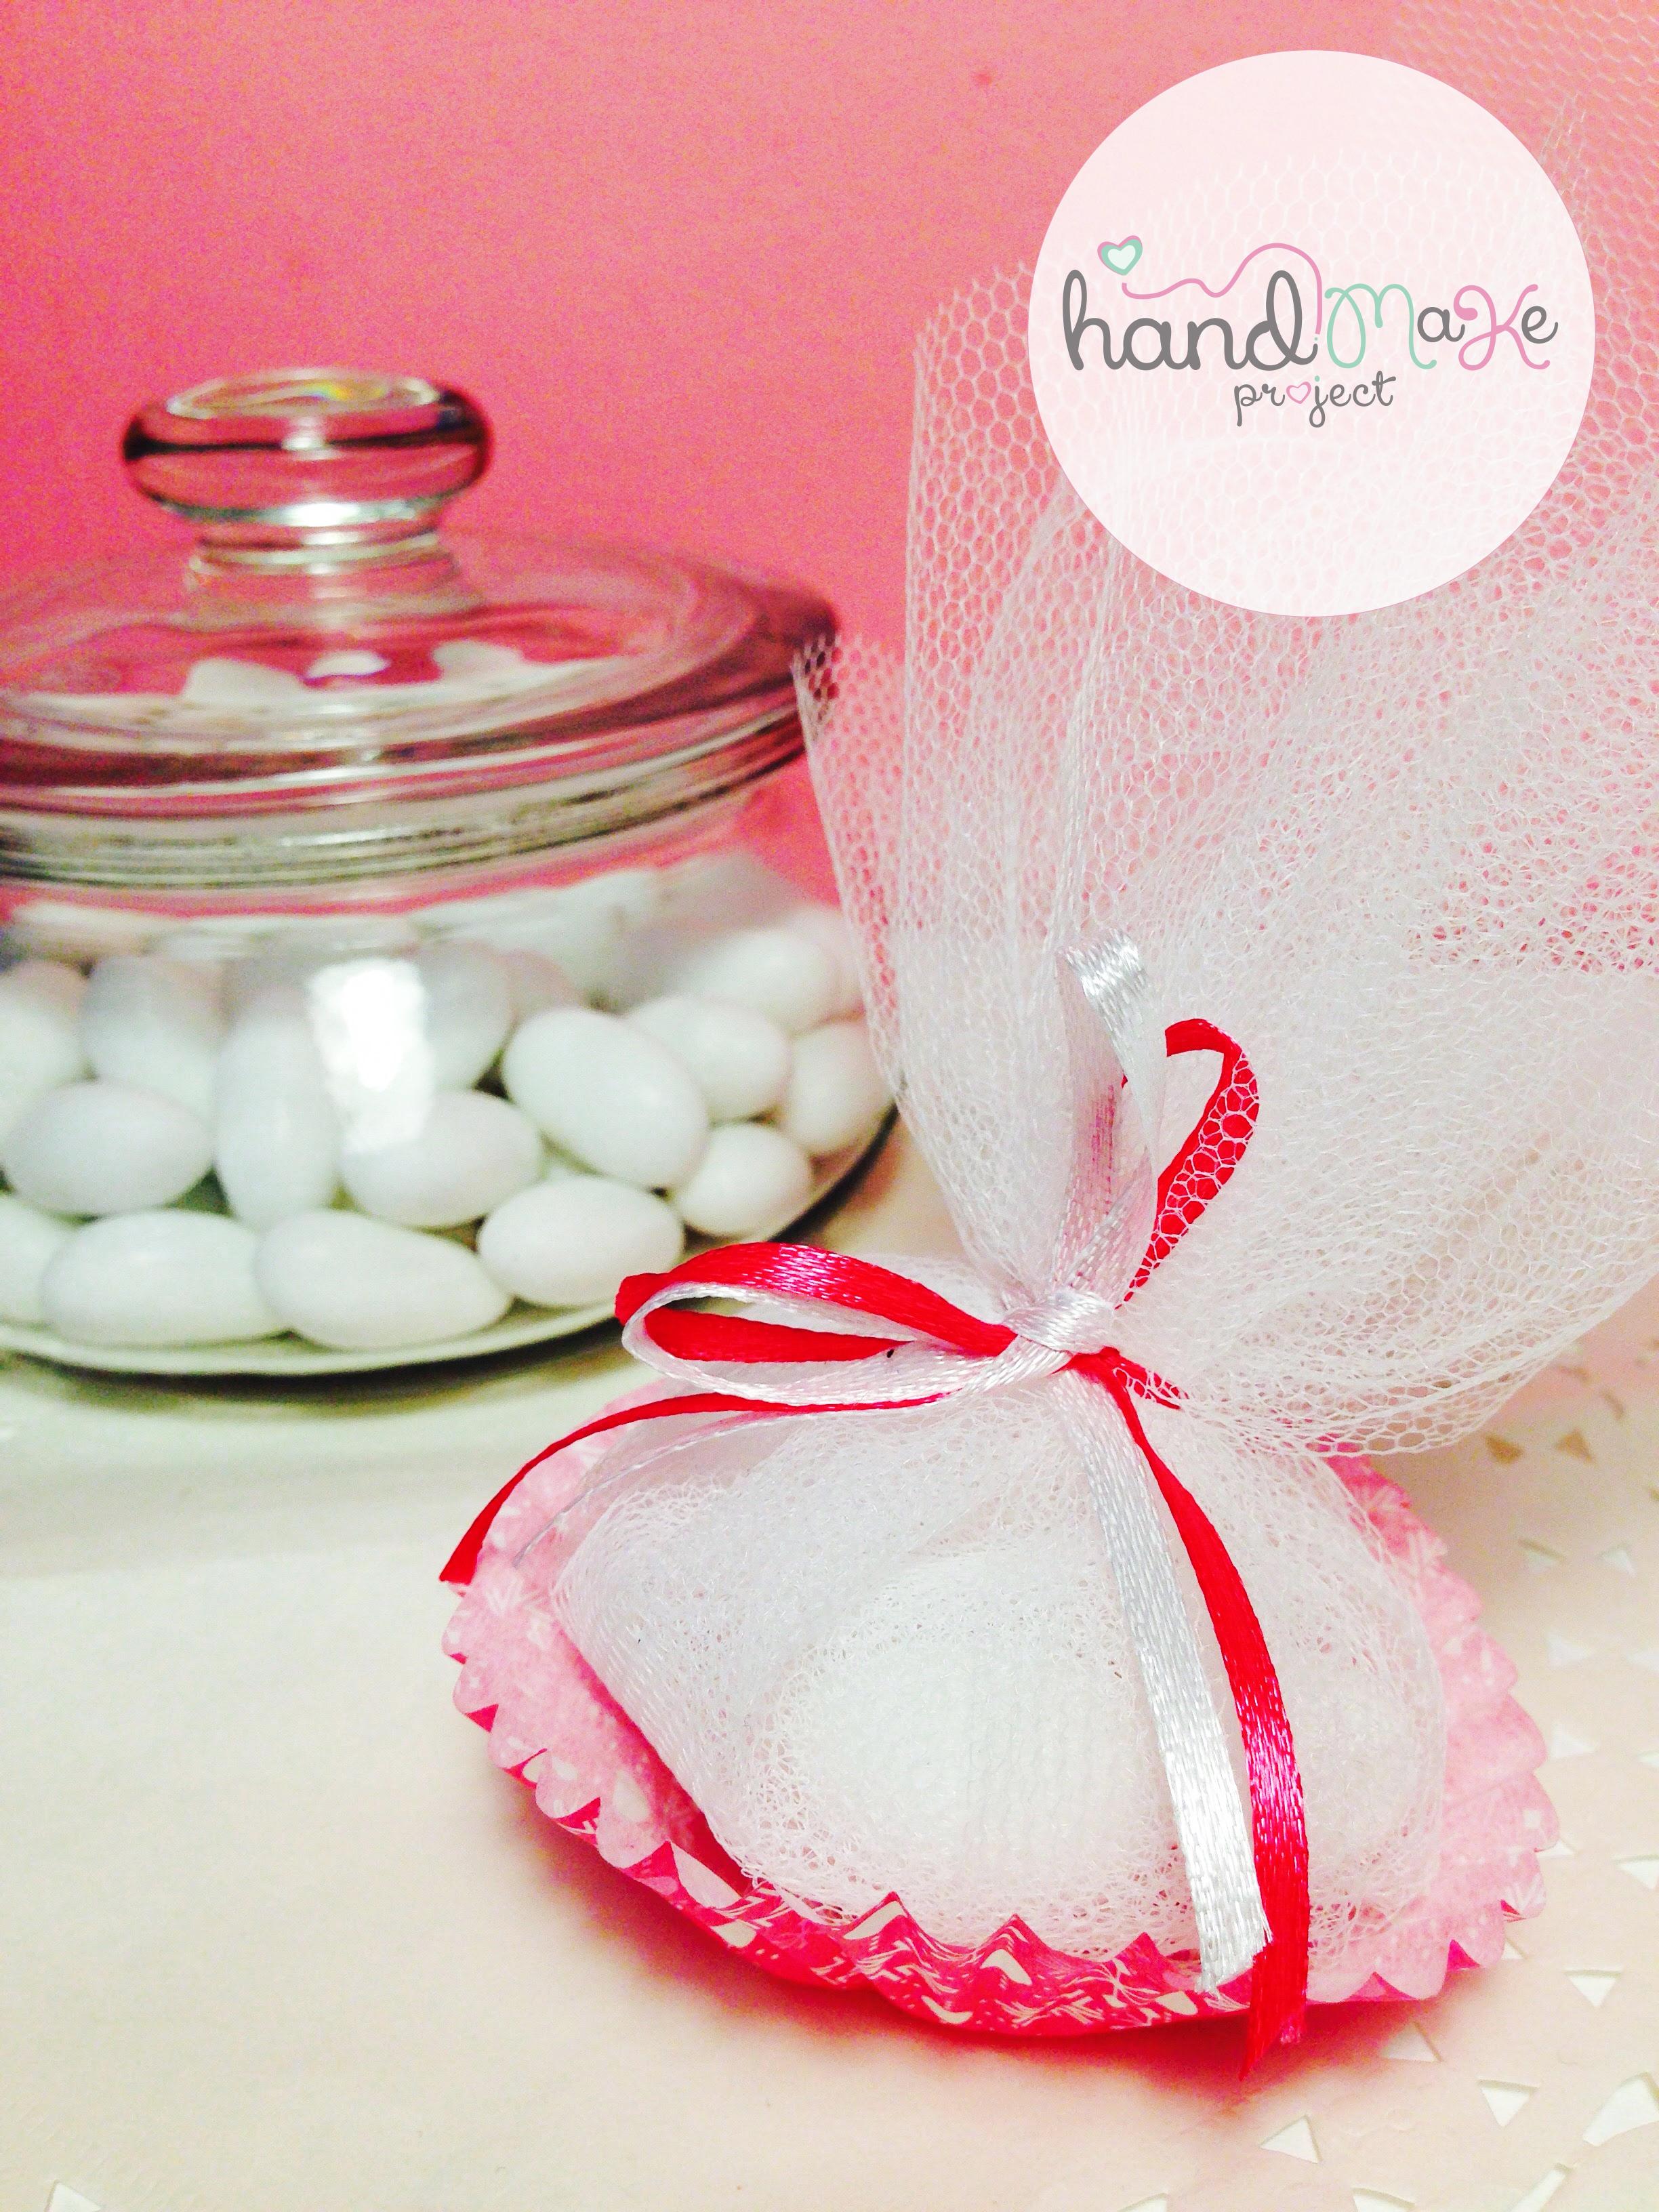 κωδικός ΟΒΒ_ 05 Collection ''Sweet Sugar''   Μπομπονιέρα cupcake με τούλι λευκό και κορδέλες σατέν σε φούξια - λευκό χρώμα.